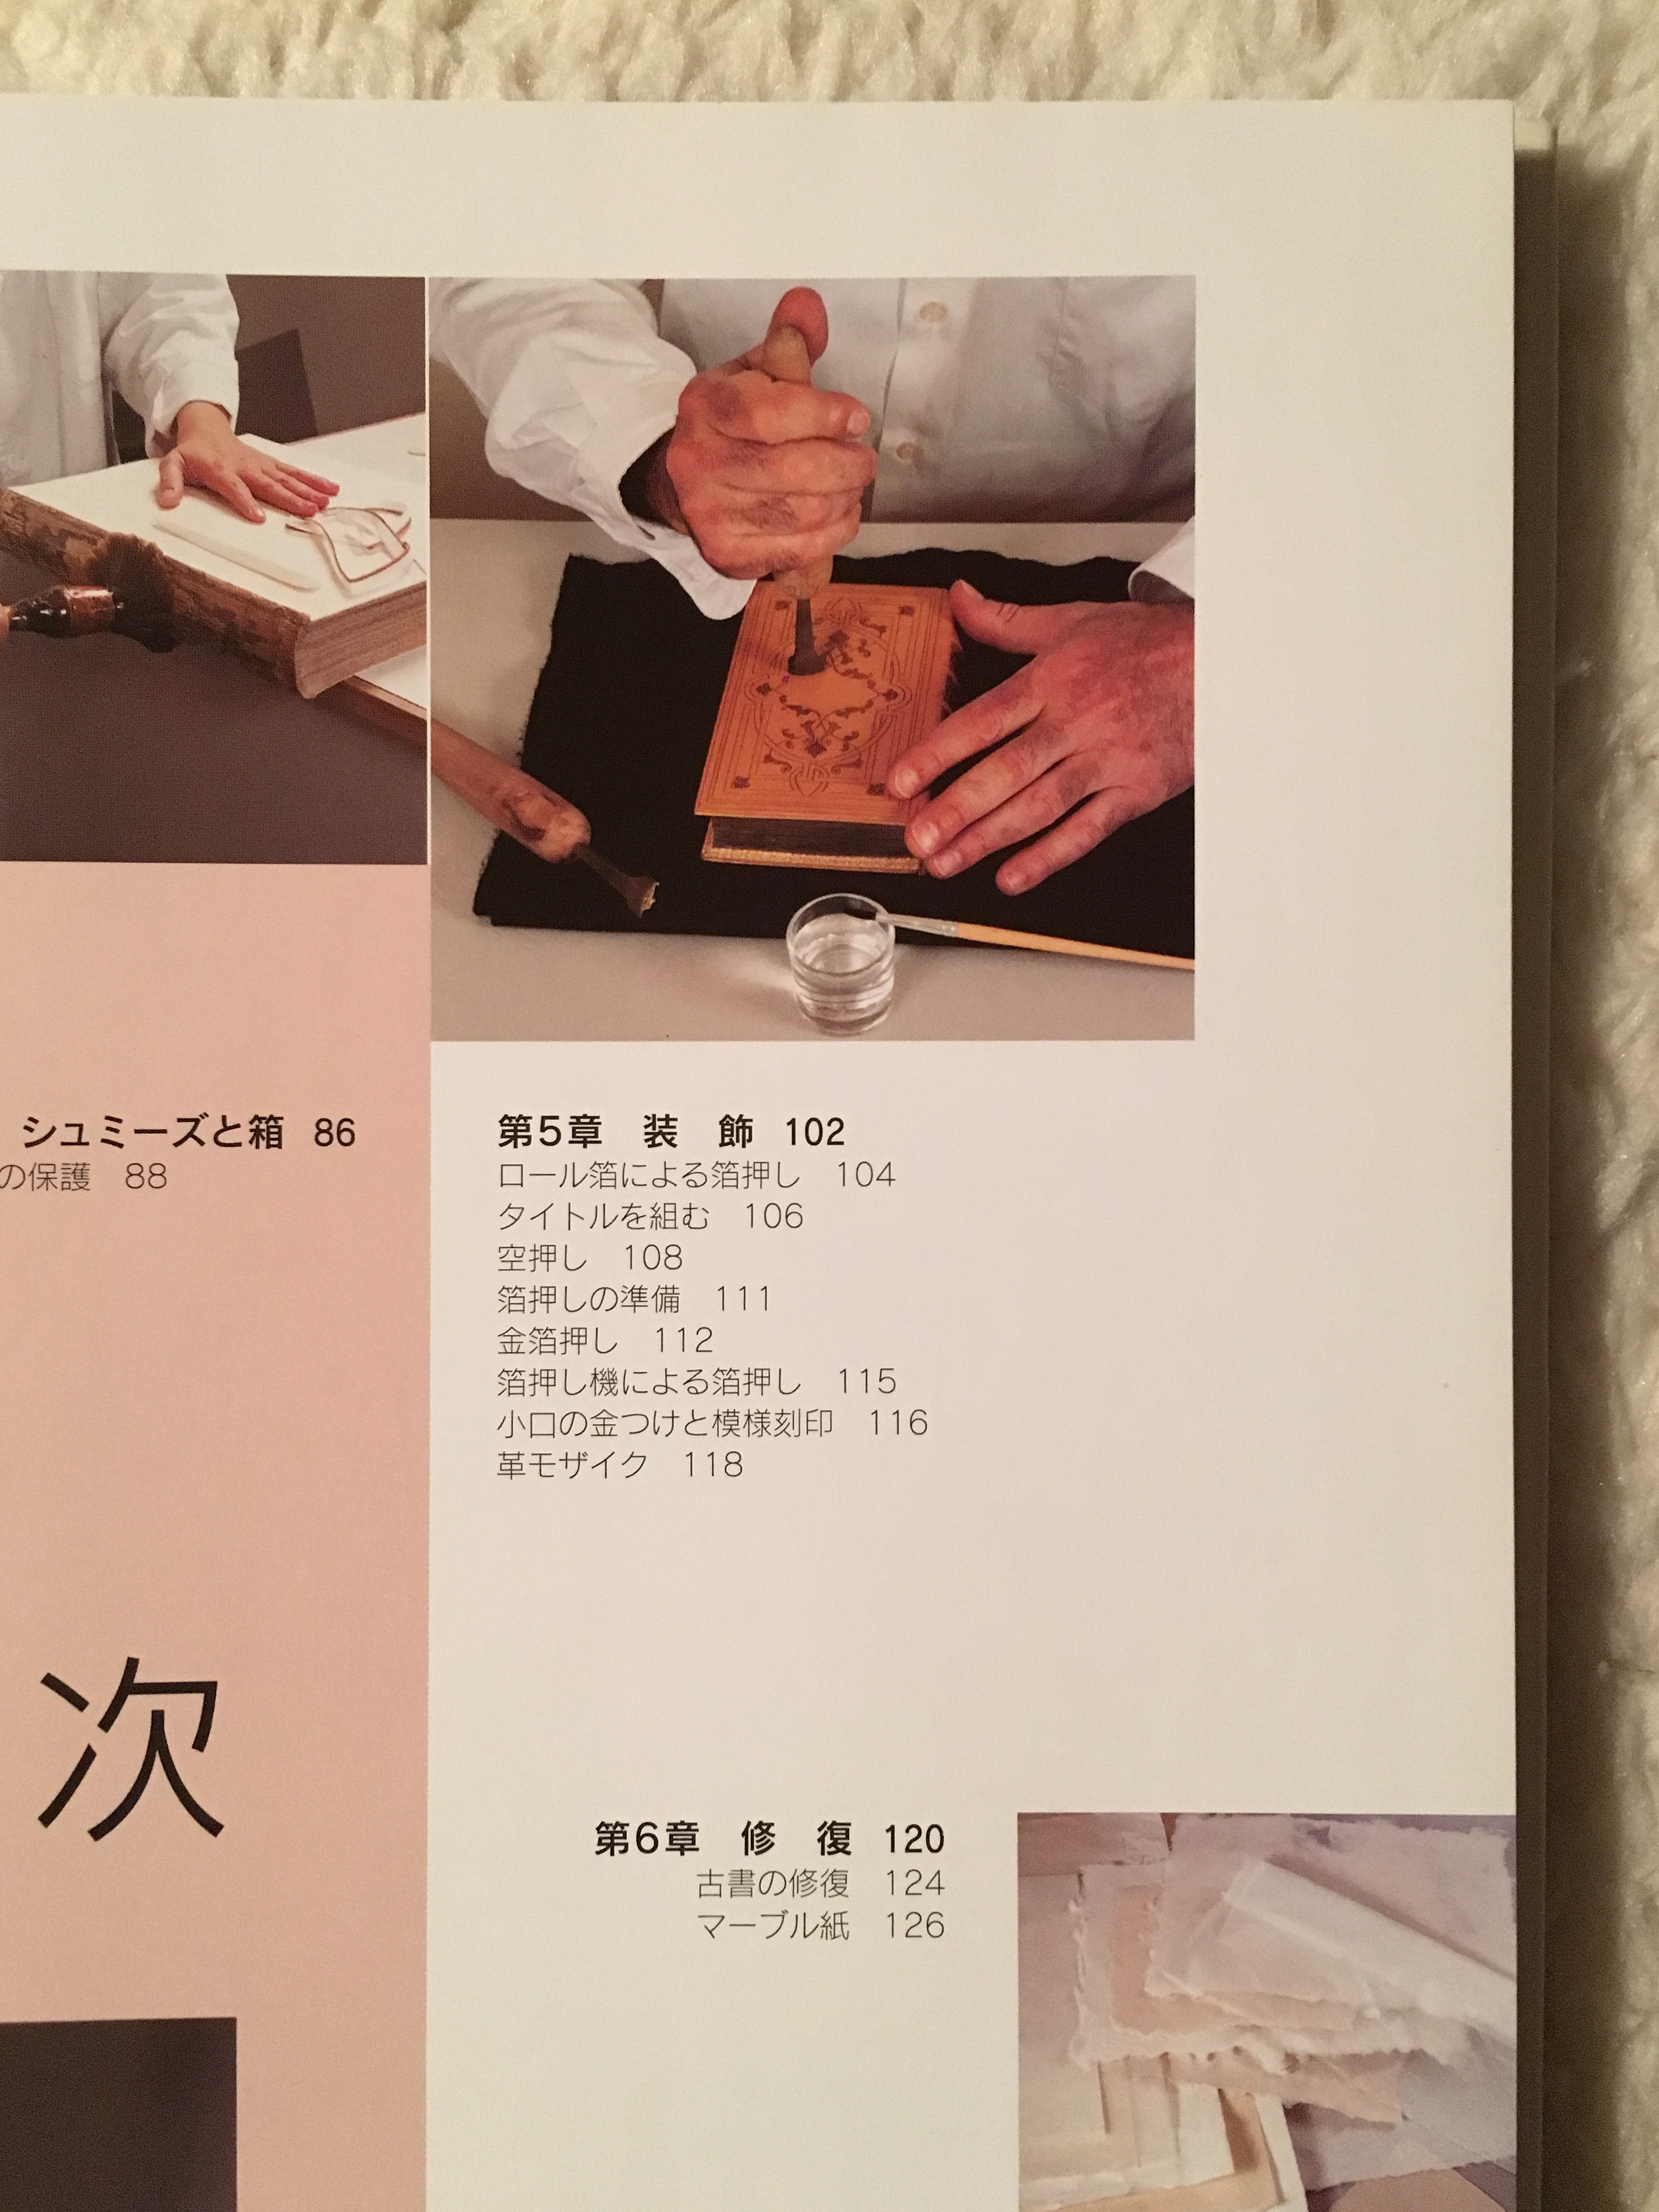 西洋製本図鑑 (3)